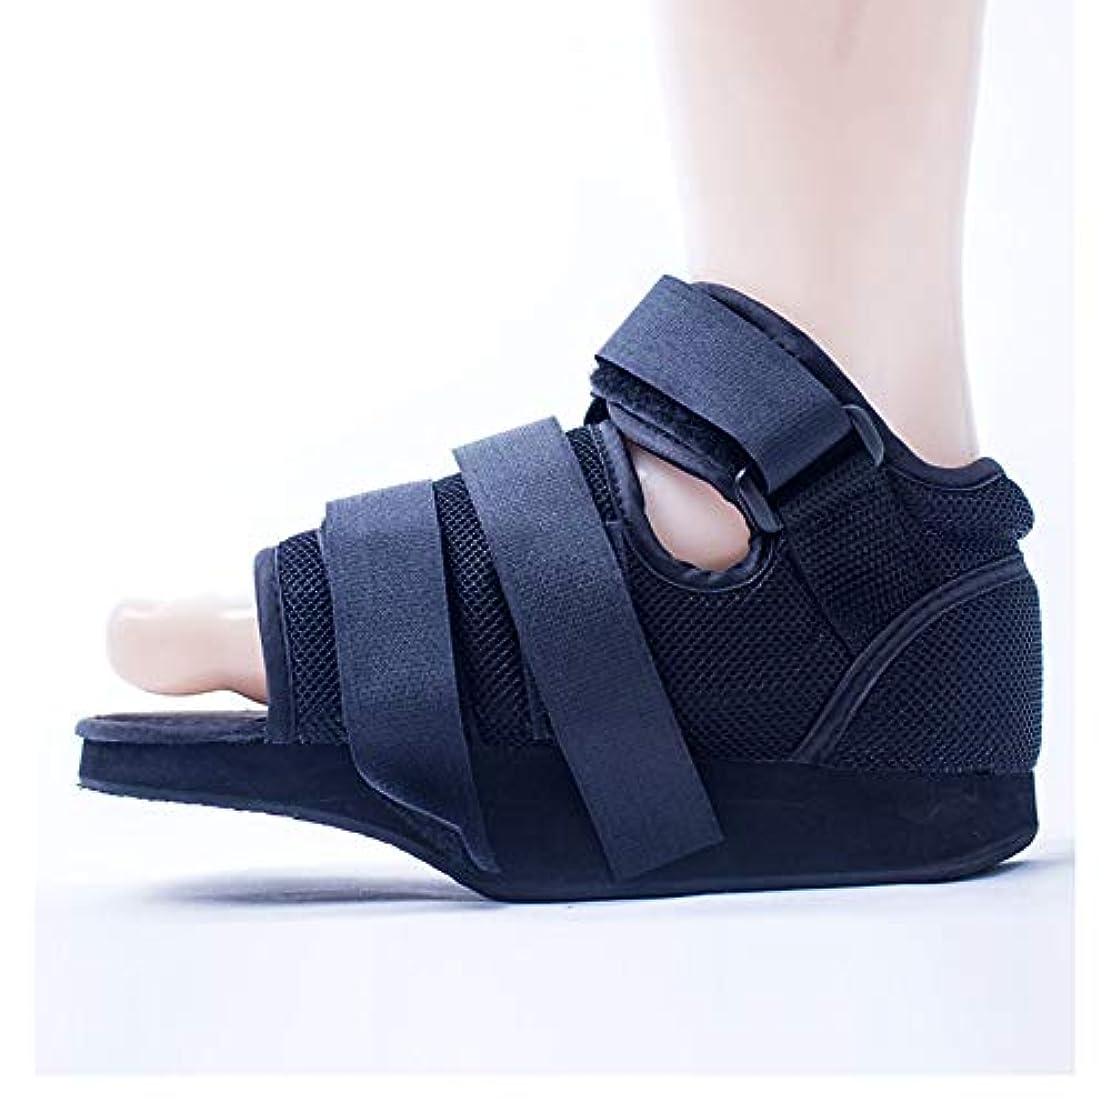 才能定規鉄壊れたつま先/足の骨折のための術後スクエアトゥウォーキングシューズ - ボトムキャストシューズ術後の靴 - 調節可能な医療ウォーキングブーツ (Size : XL)